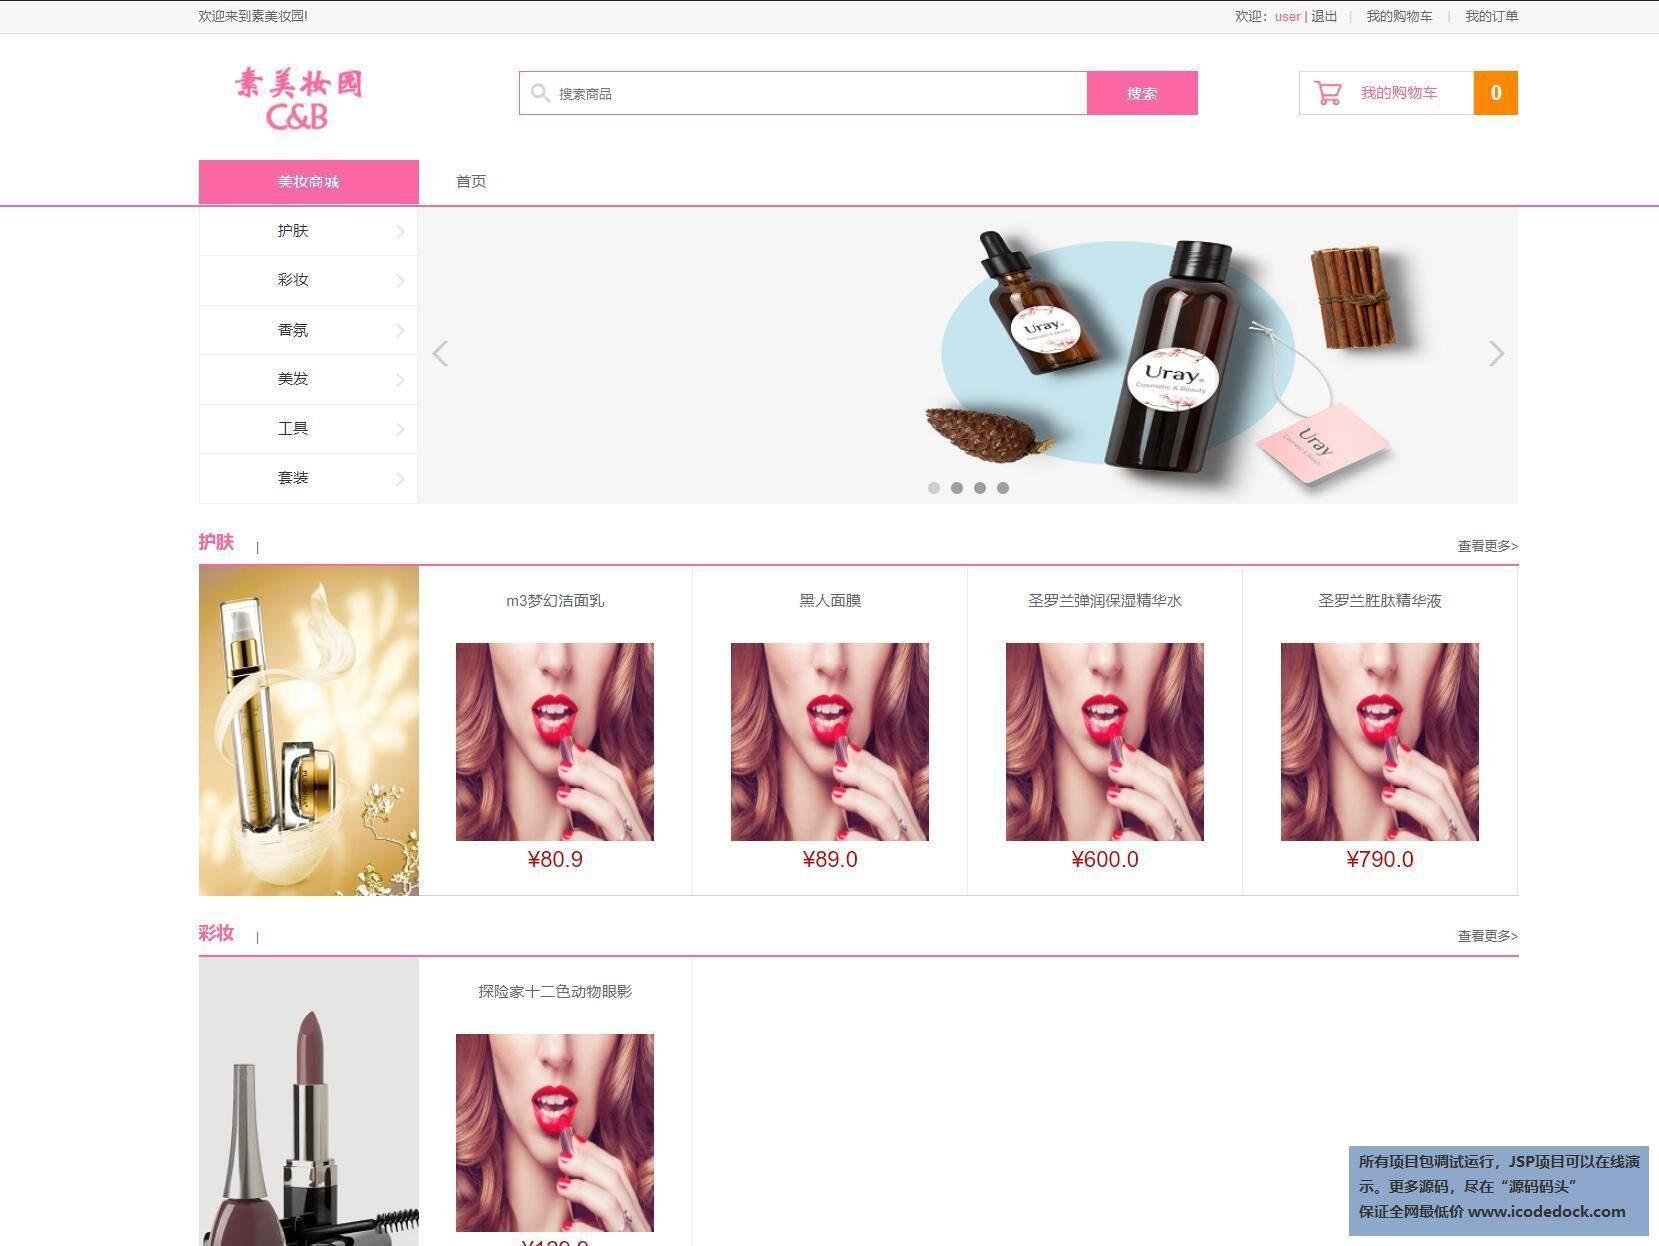 基于jsp+mysql+Spring+mybatis的SSM在线化妆品网站eclipse源码代码 - 源码码头